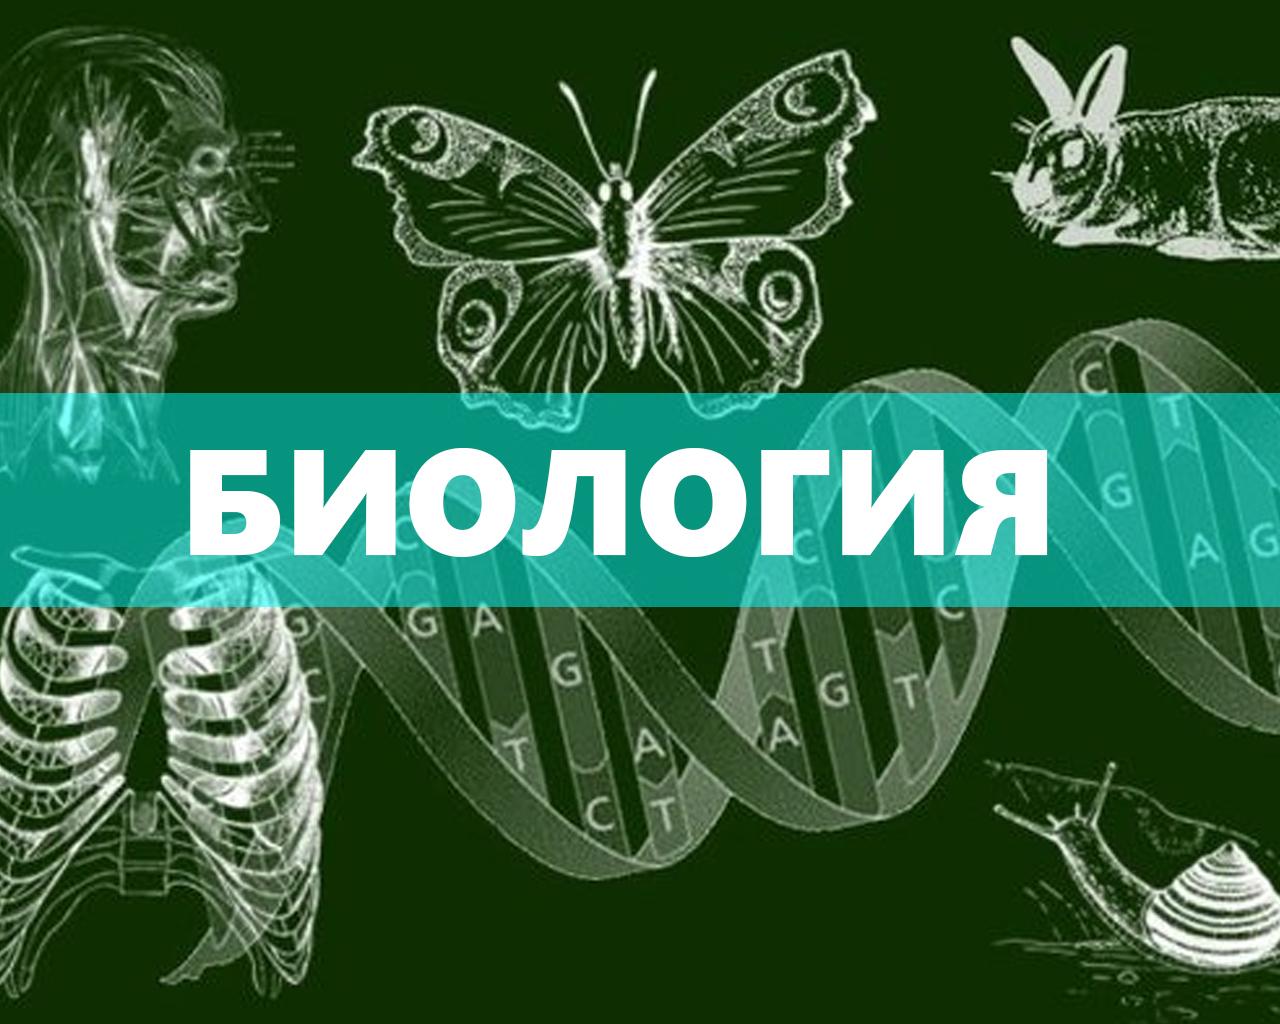 Биология (Васейкина Н.В.)